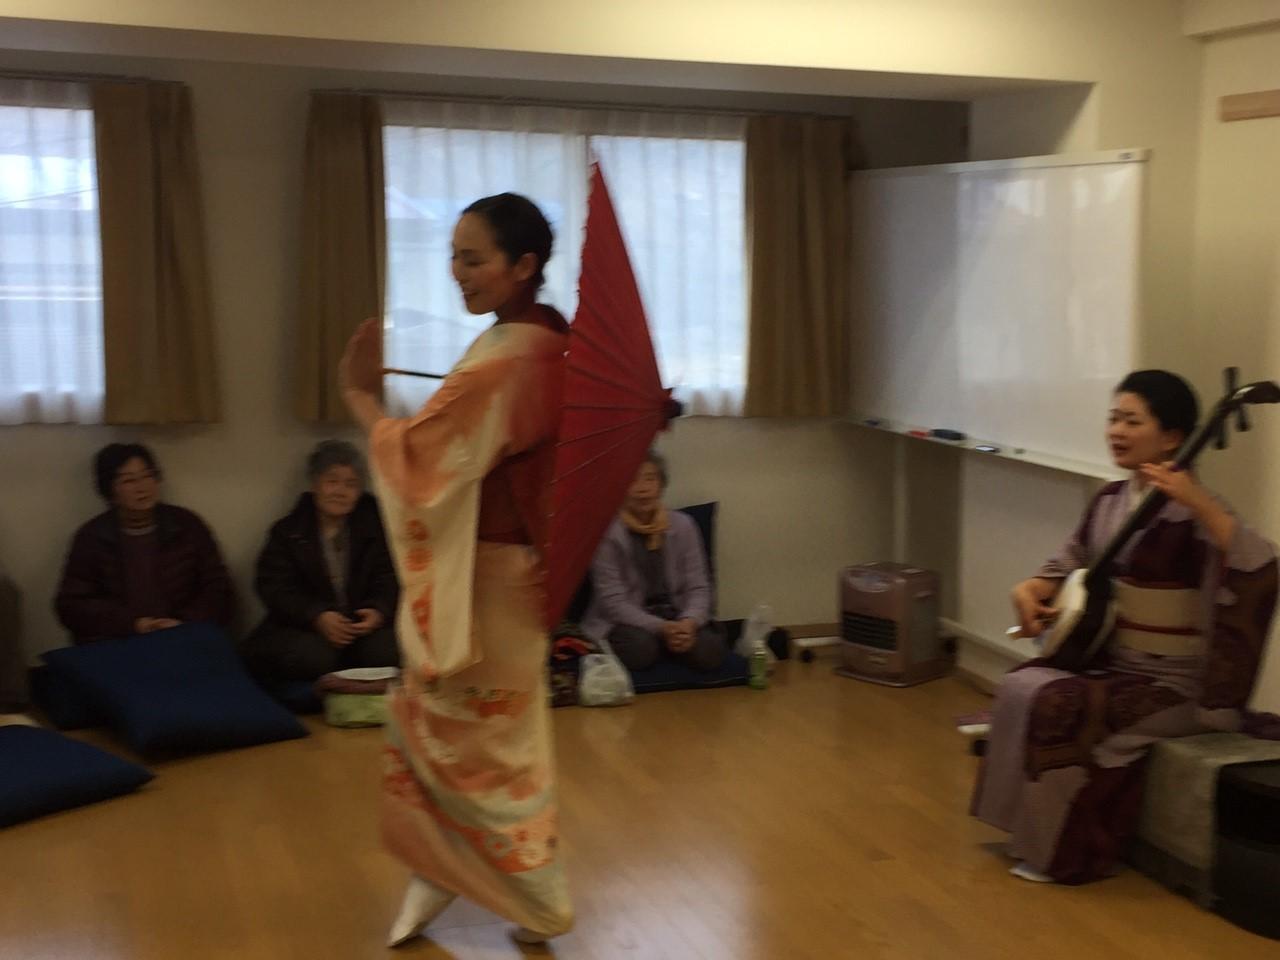 2016/1/10 大槌にて。ドキドキの初公演。津軽手踊り「津軽アイヤ節」